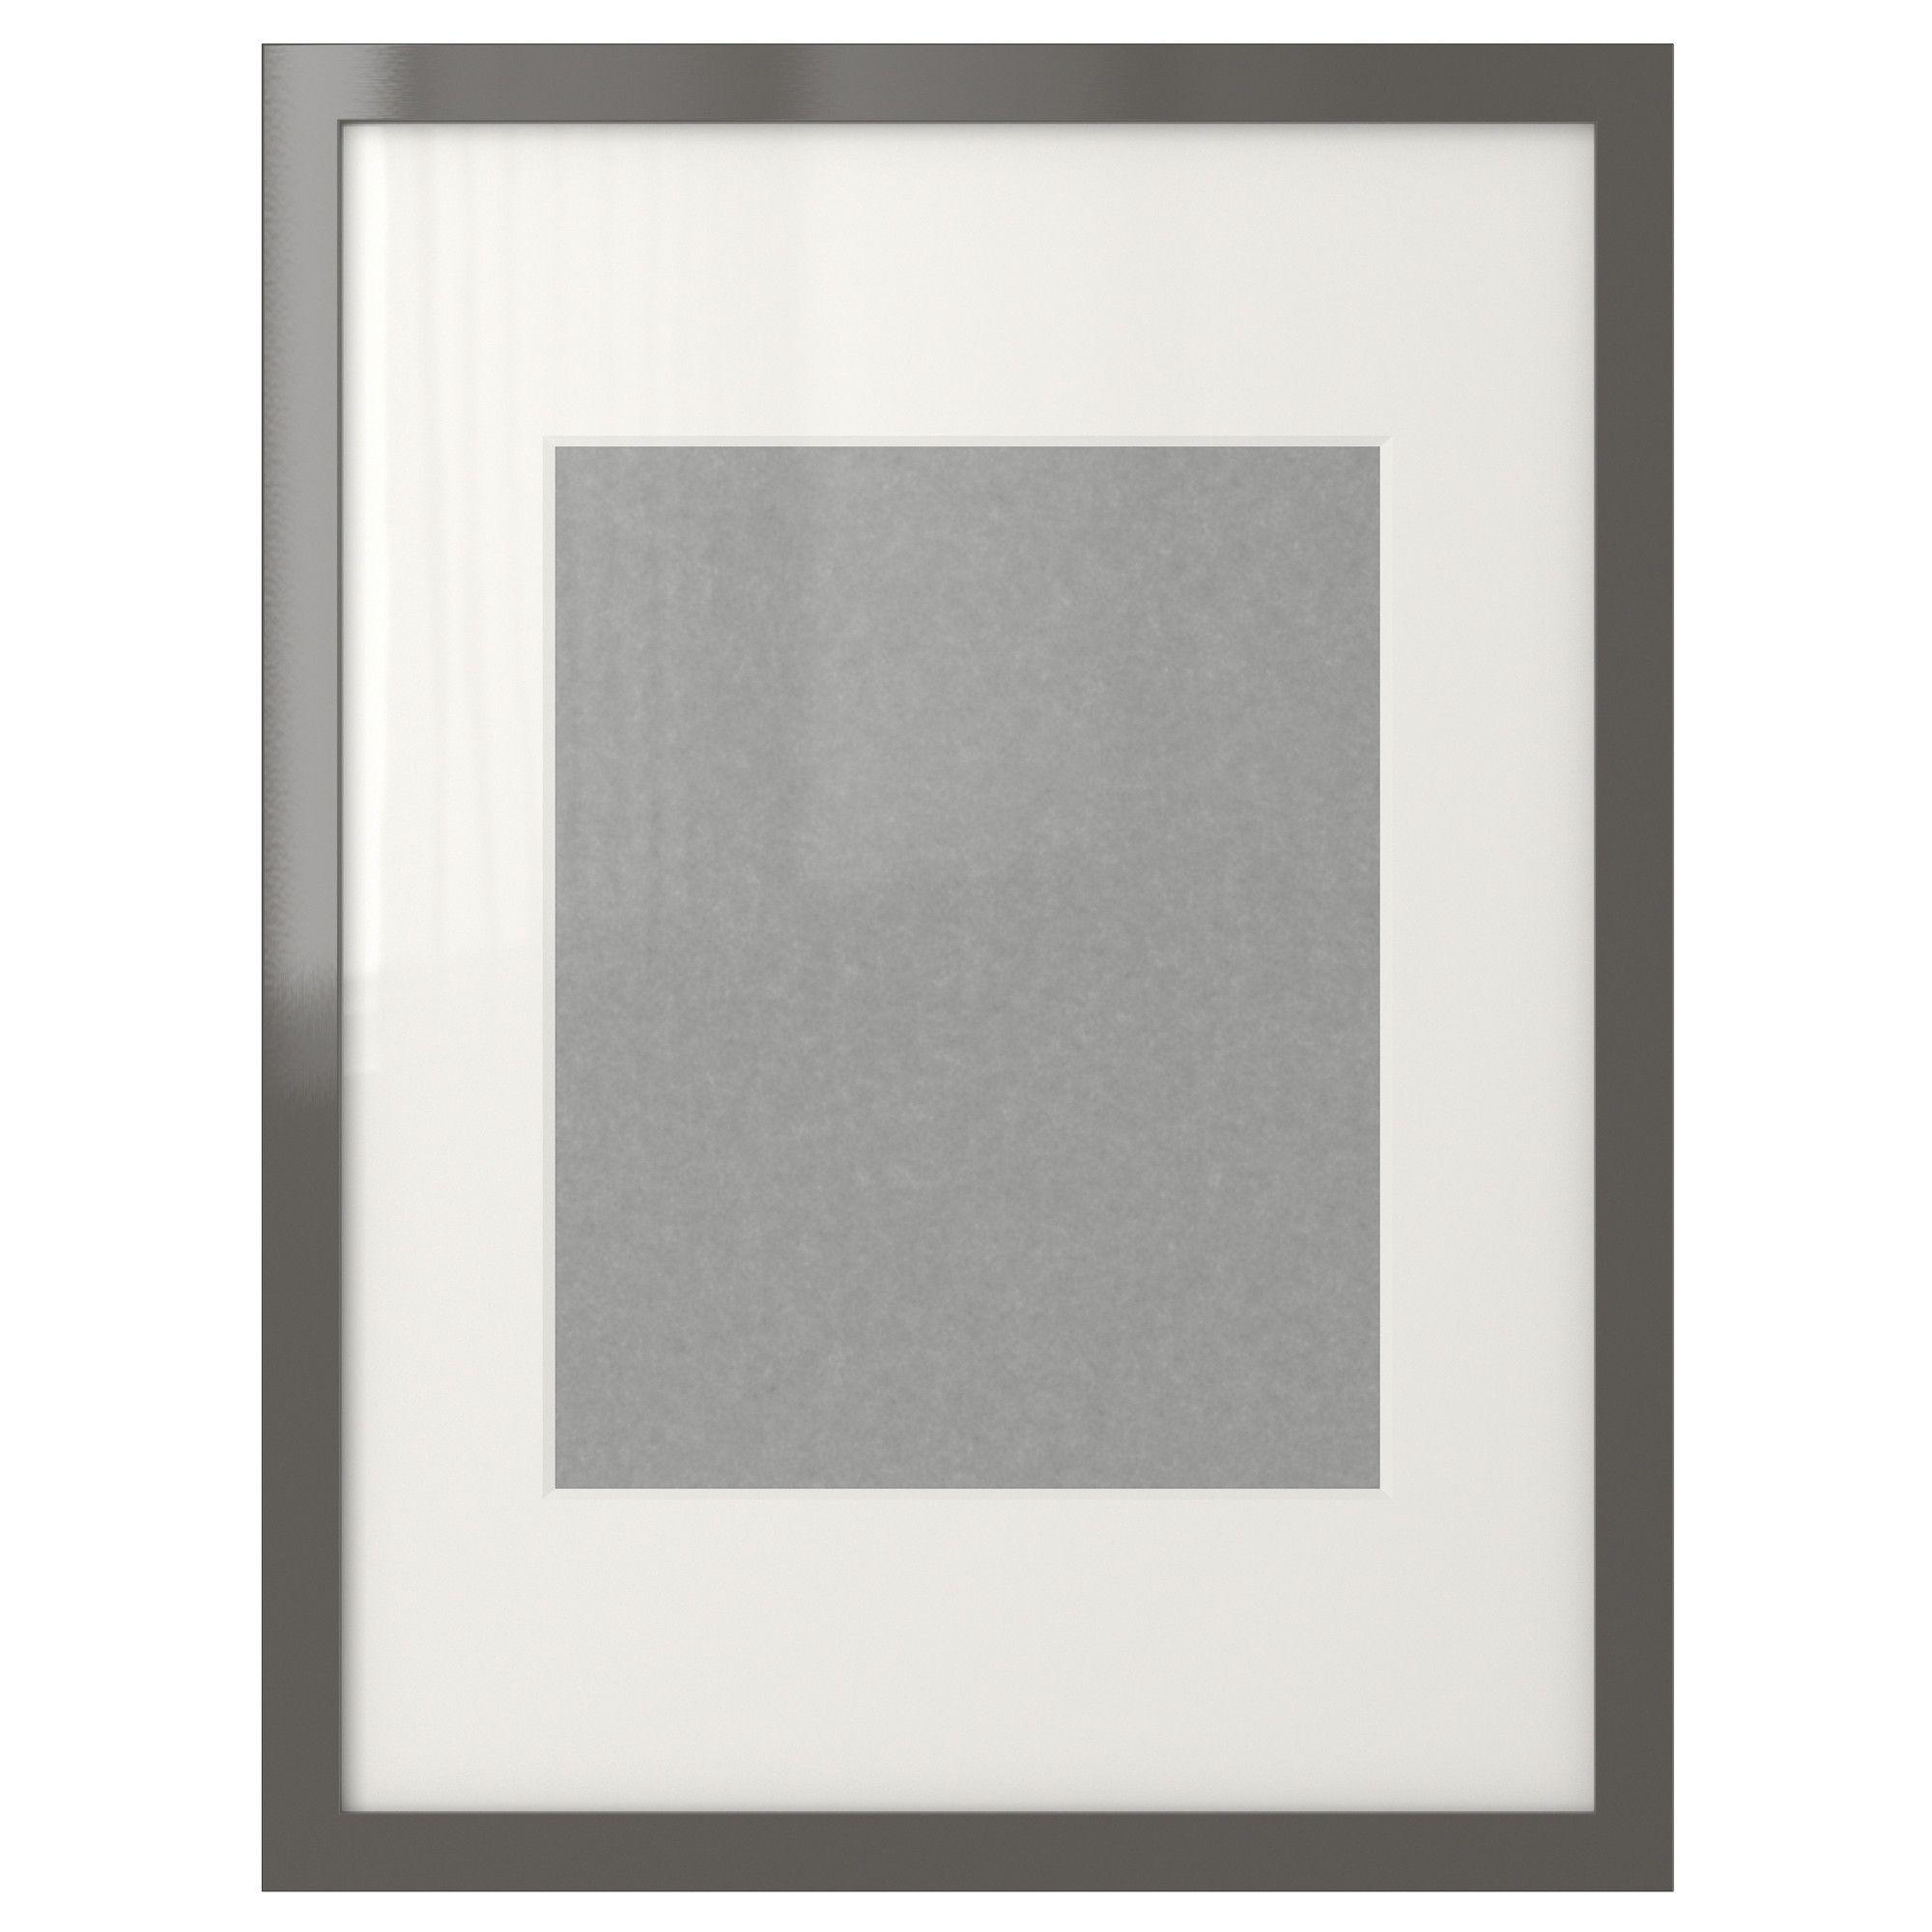 Berühmt 20 X 16 Rahmen Ikea Galerie - Benutzerdefinierte ...